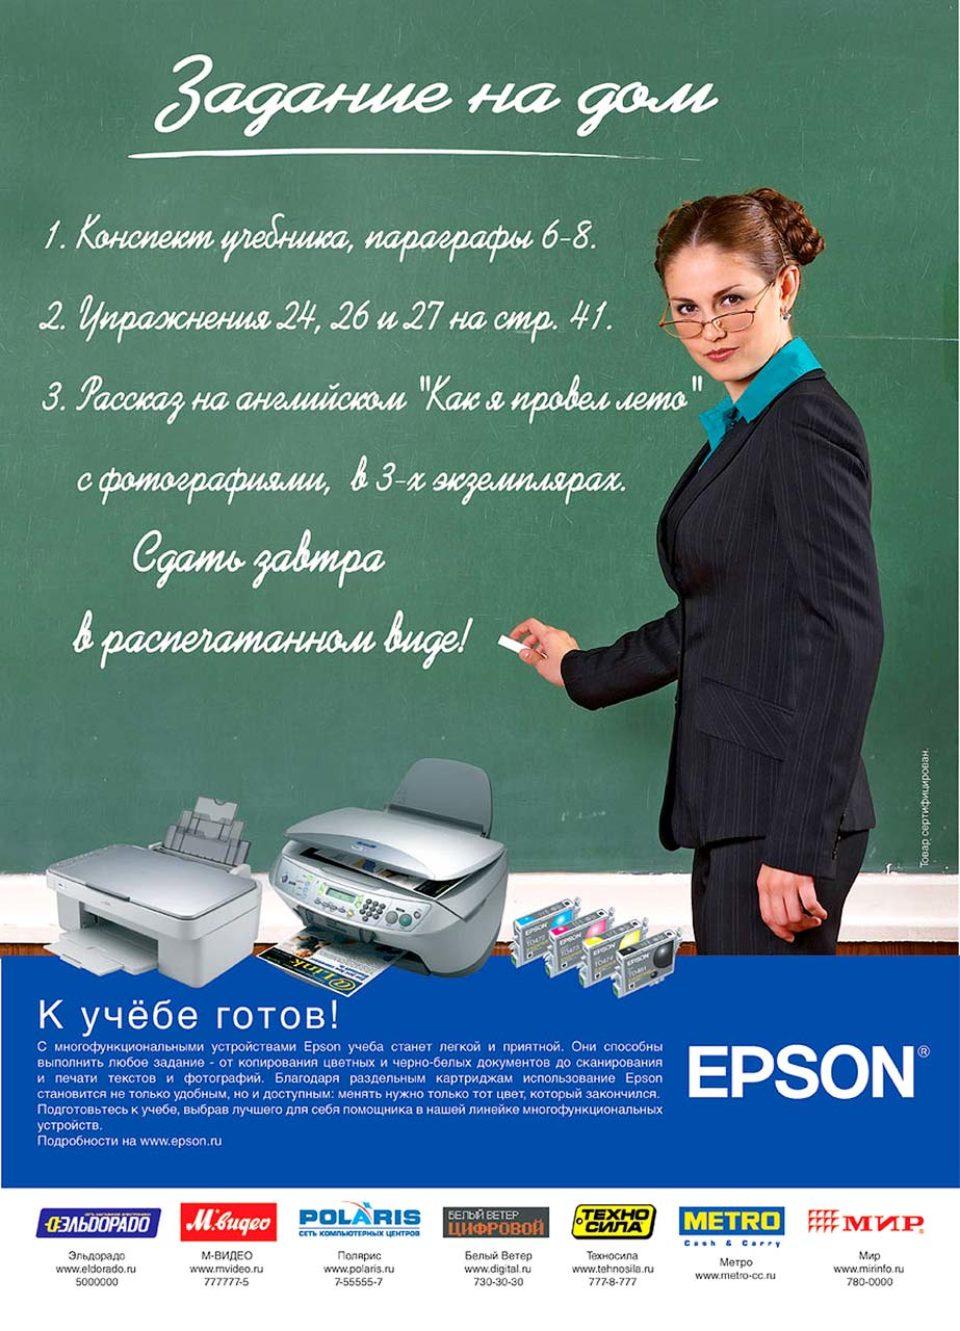 Рекламный плакат Epson